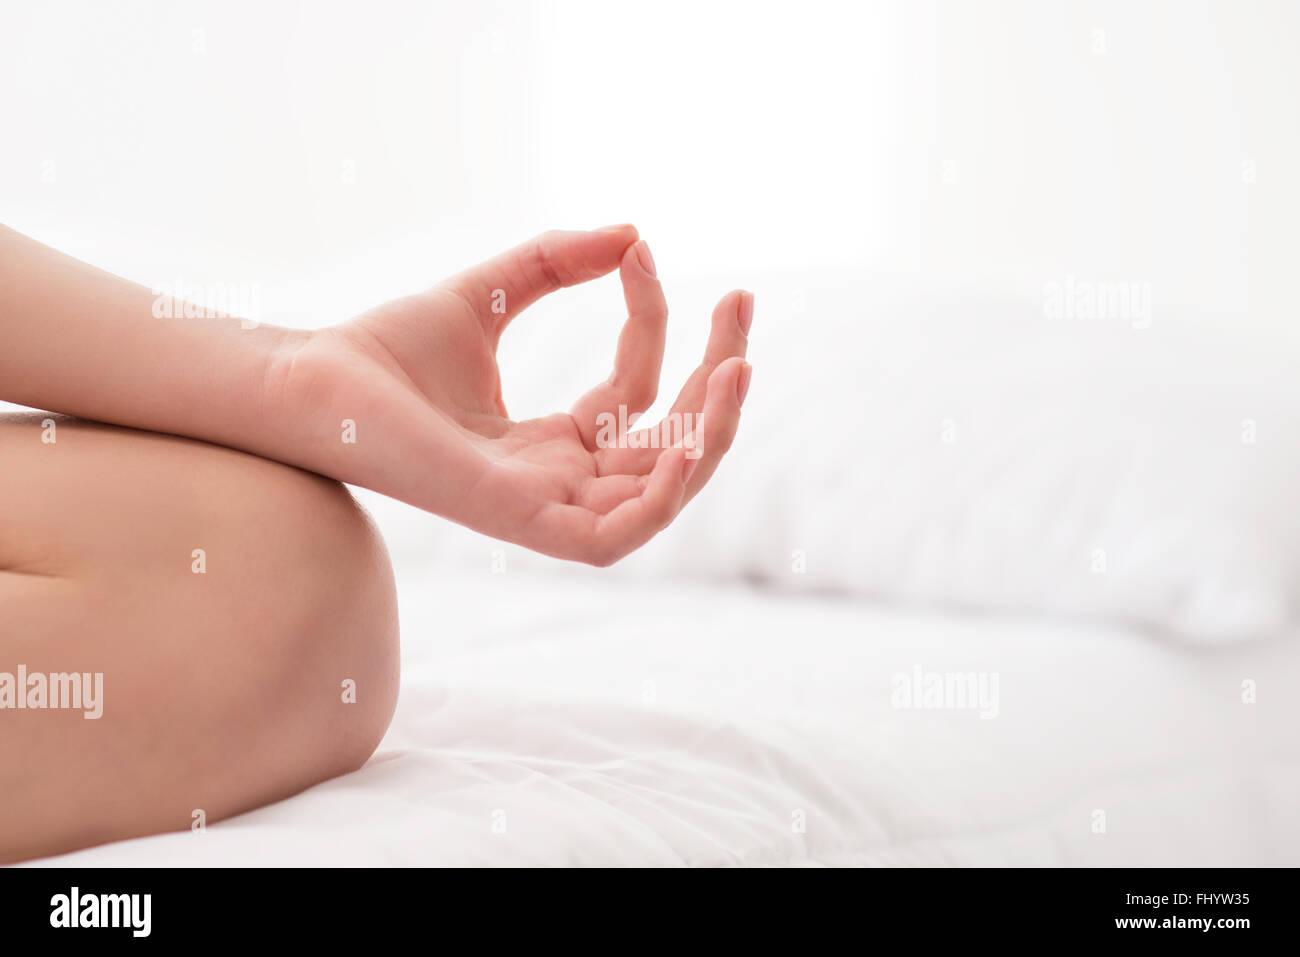 Leben Sie ein gesundes und kümmern Sie uns um deine Seele Stockbild